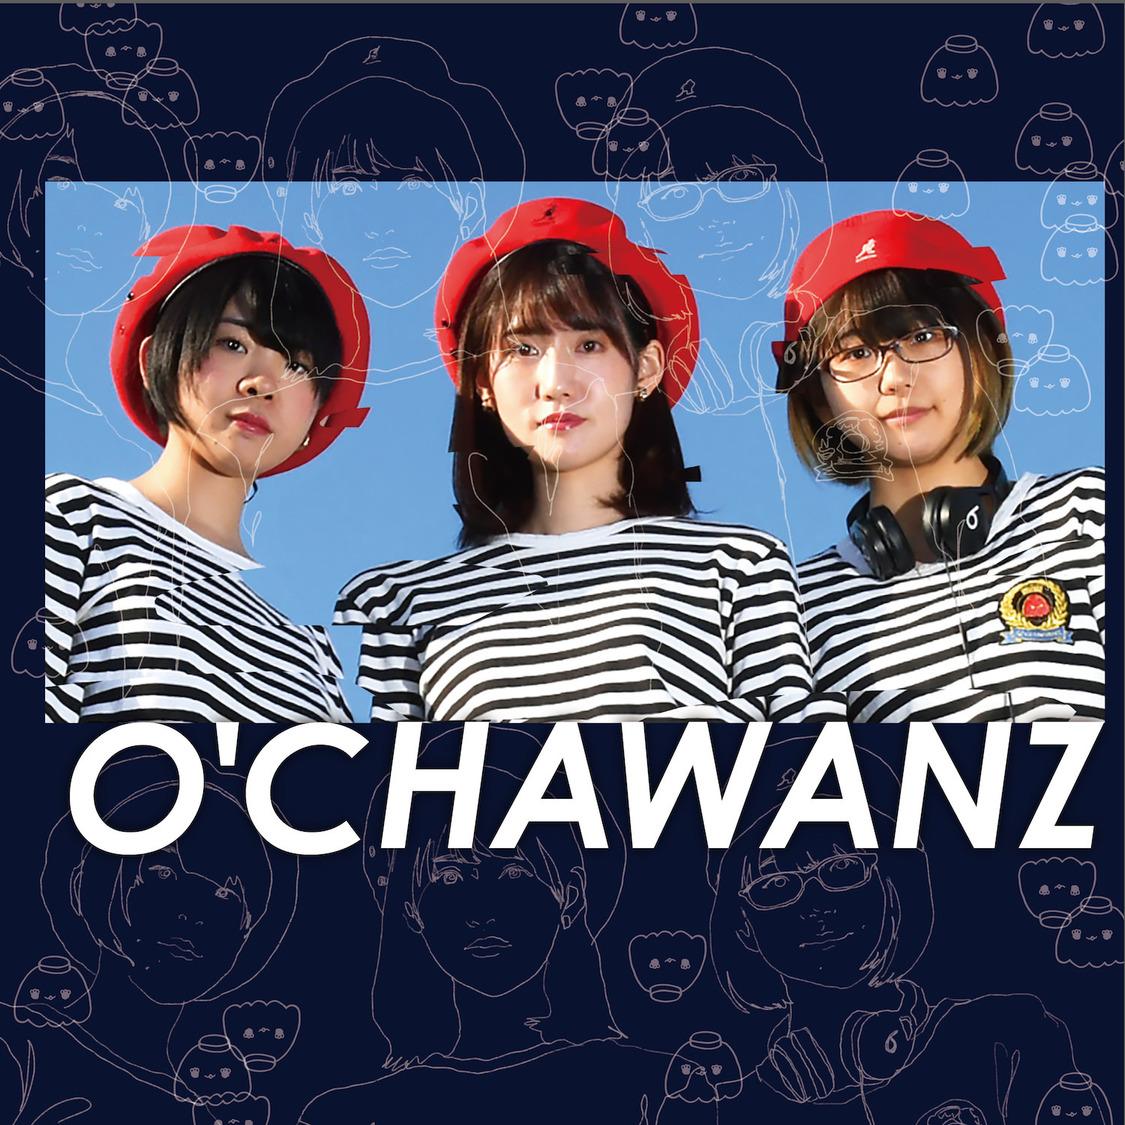 O'CHAWANZ、「Rest of The Girls」MV公開+新メンバーオーデション開催!